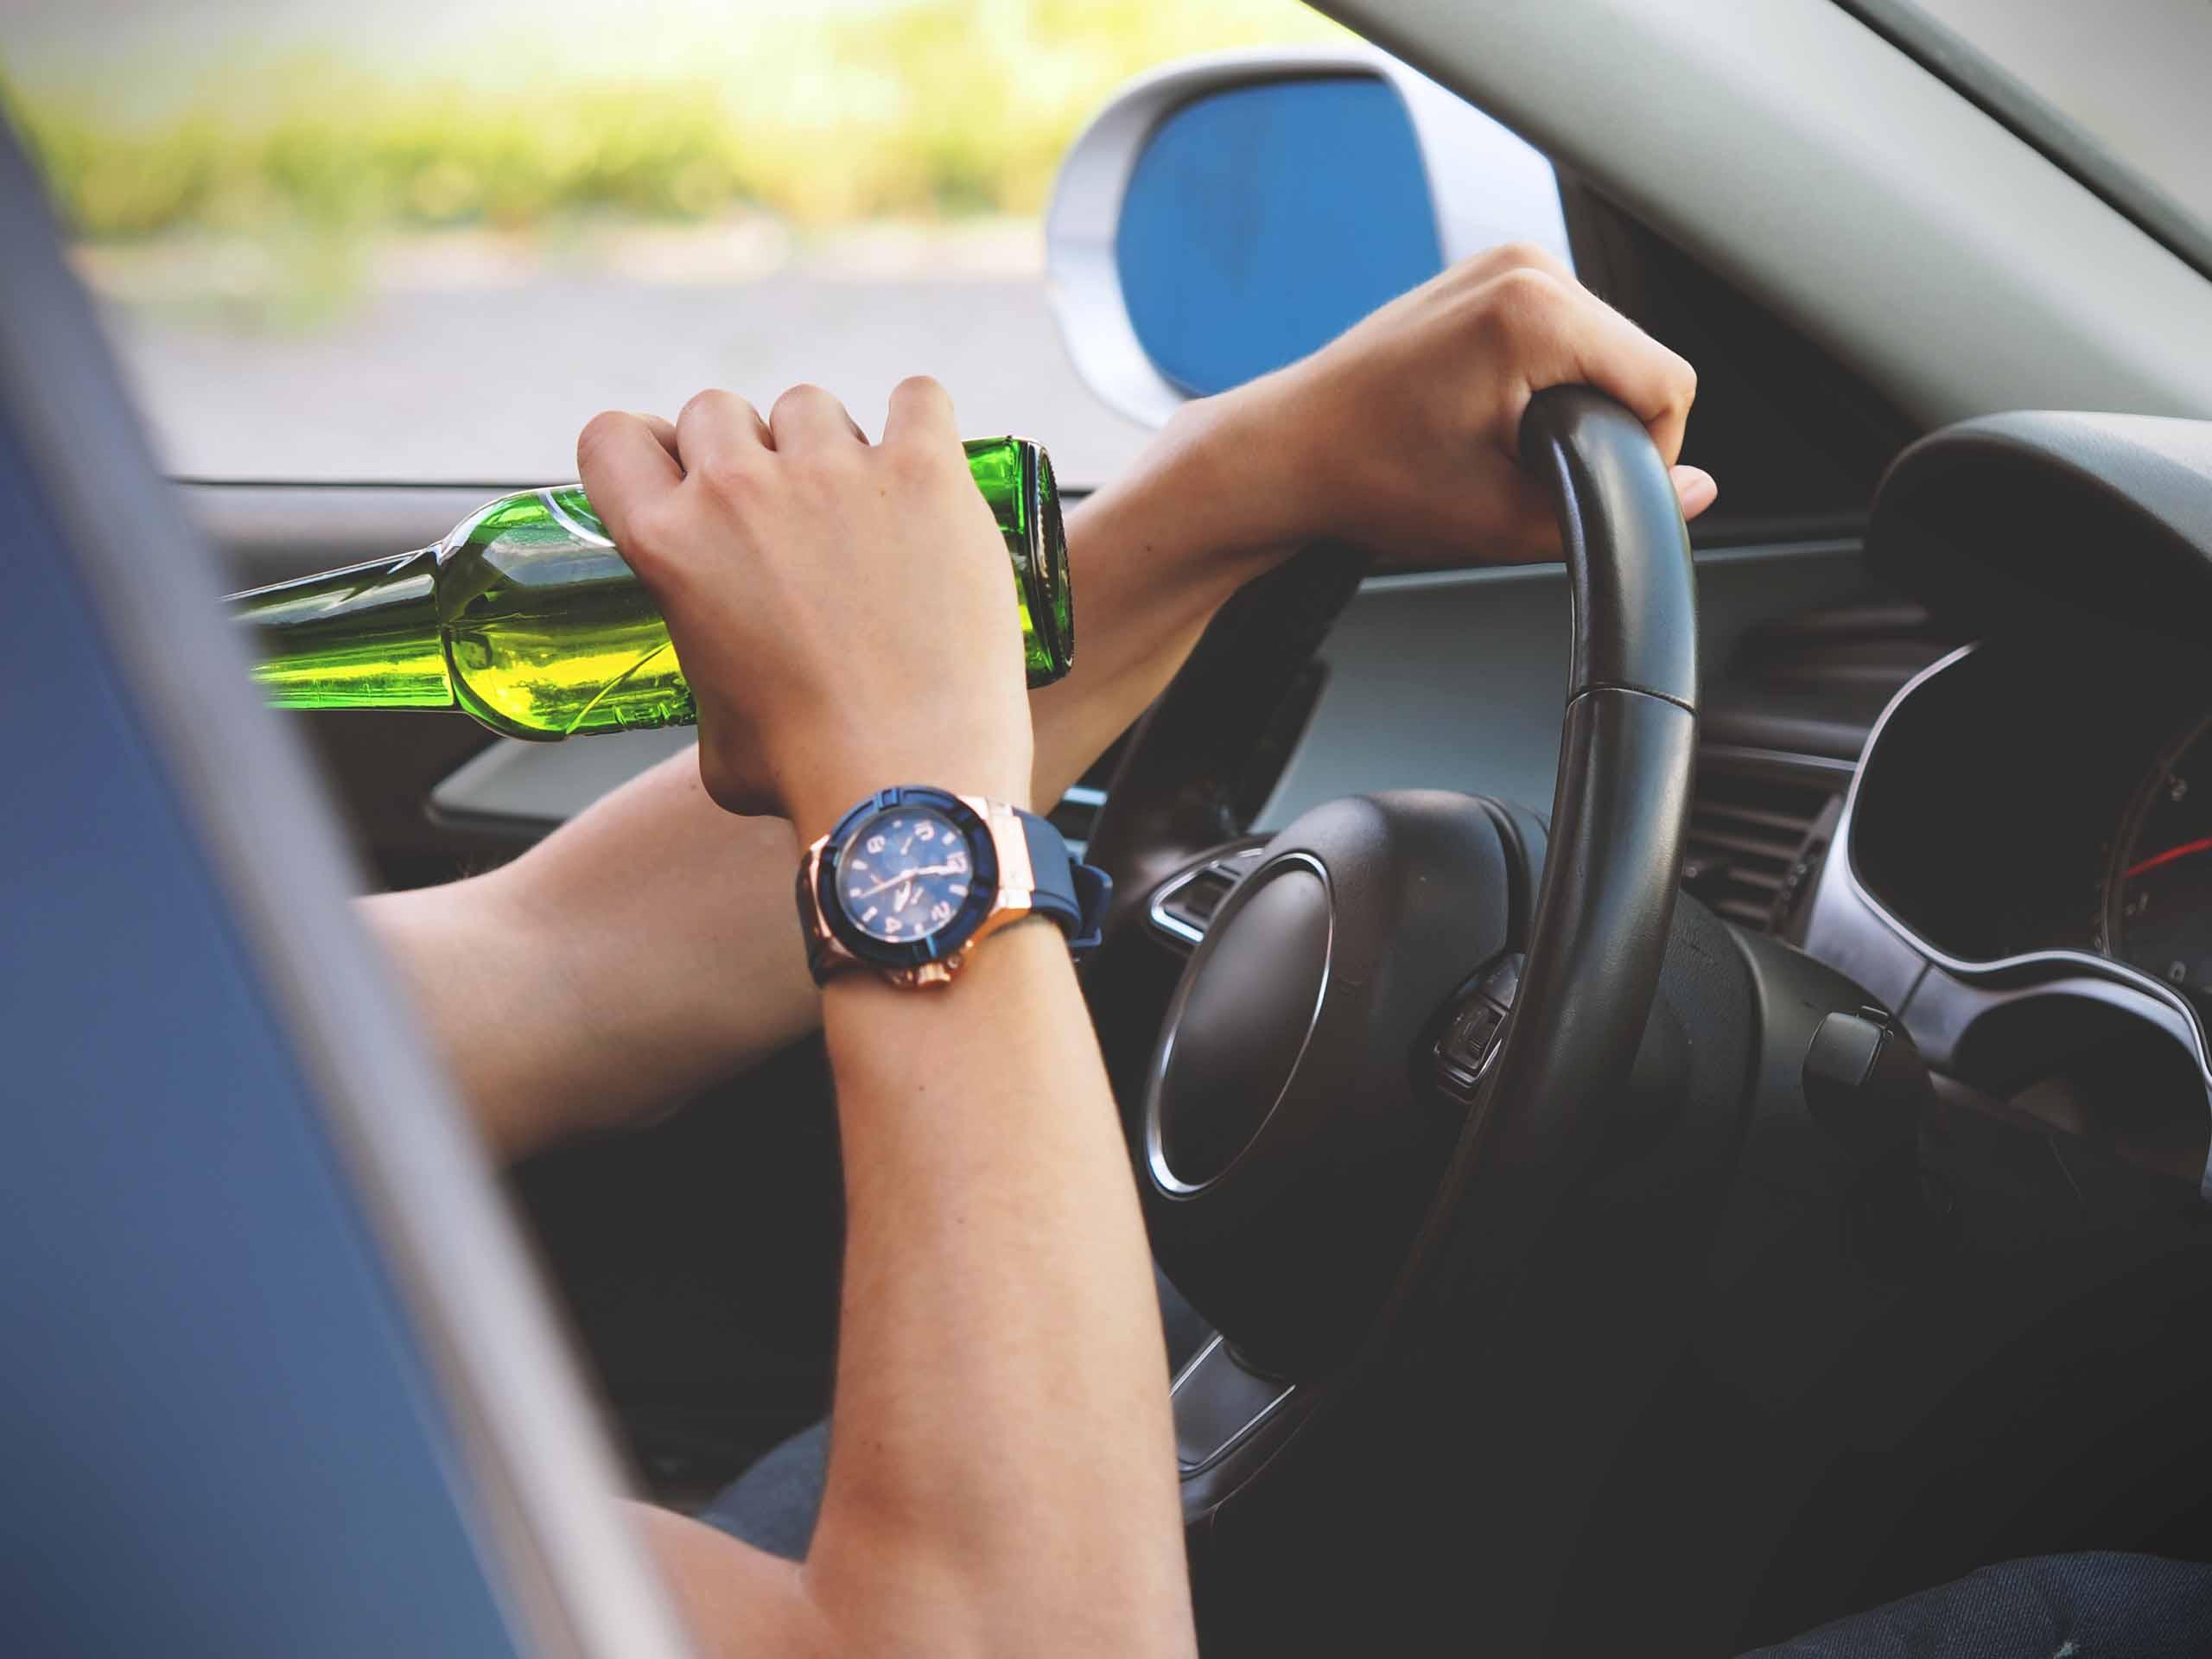 Persoon drinkt achter het stuur